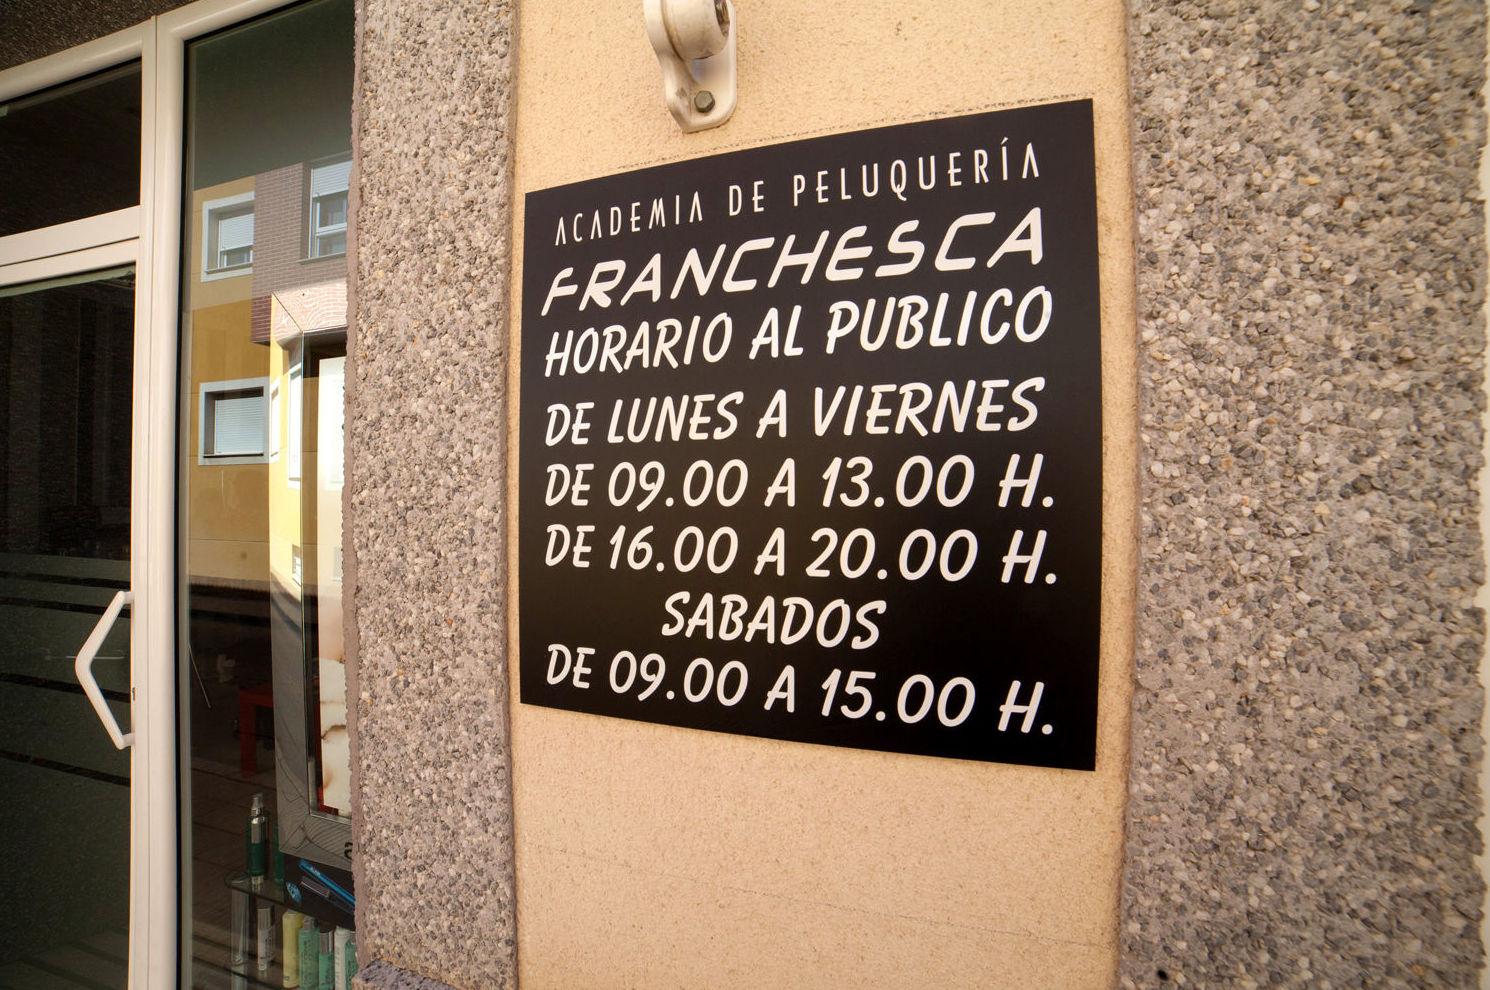 Horario de la academia de peluquería en Los Dolores (Cartagena)